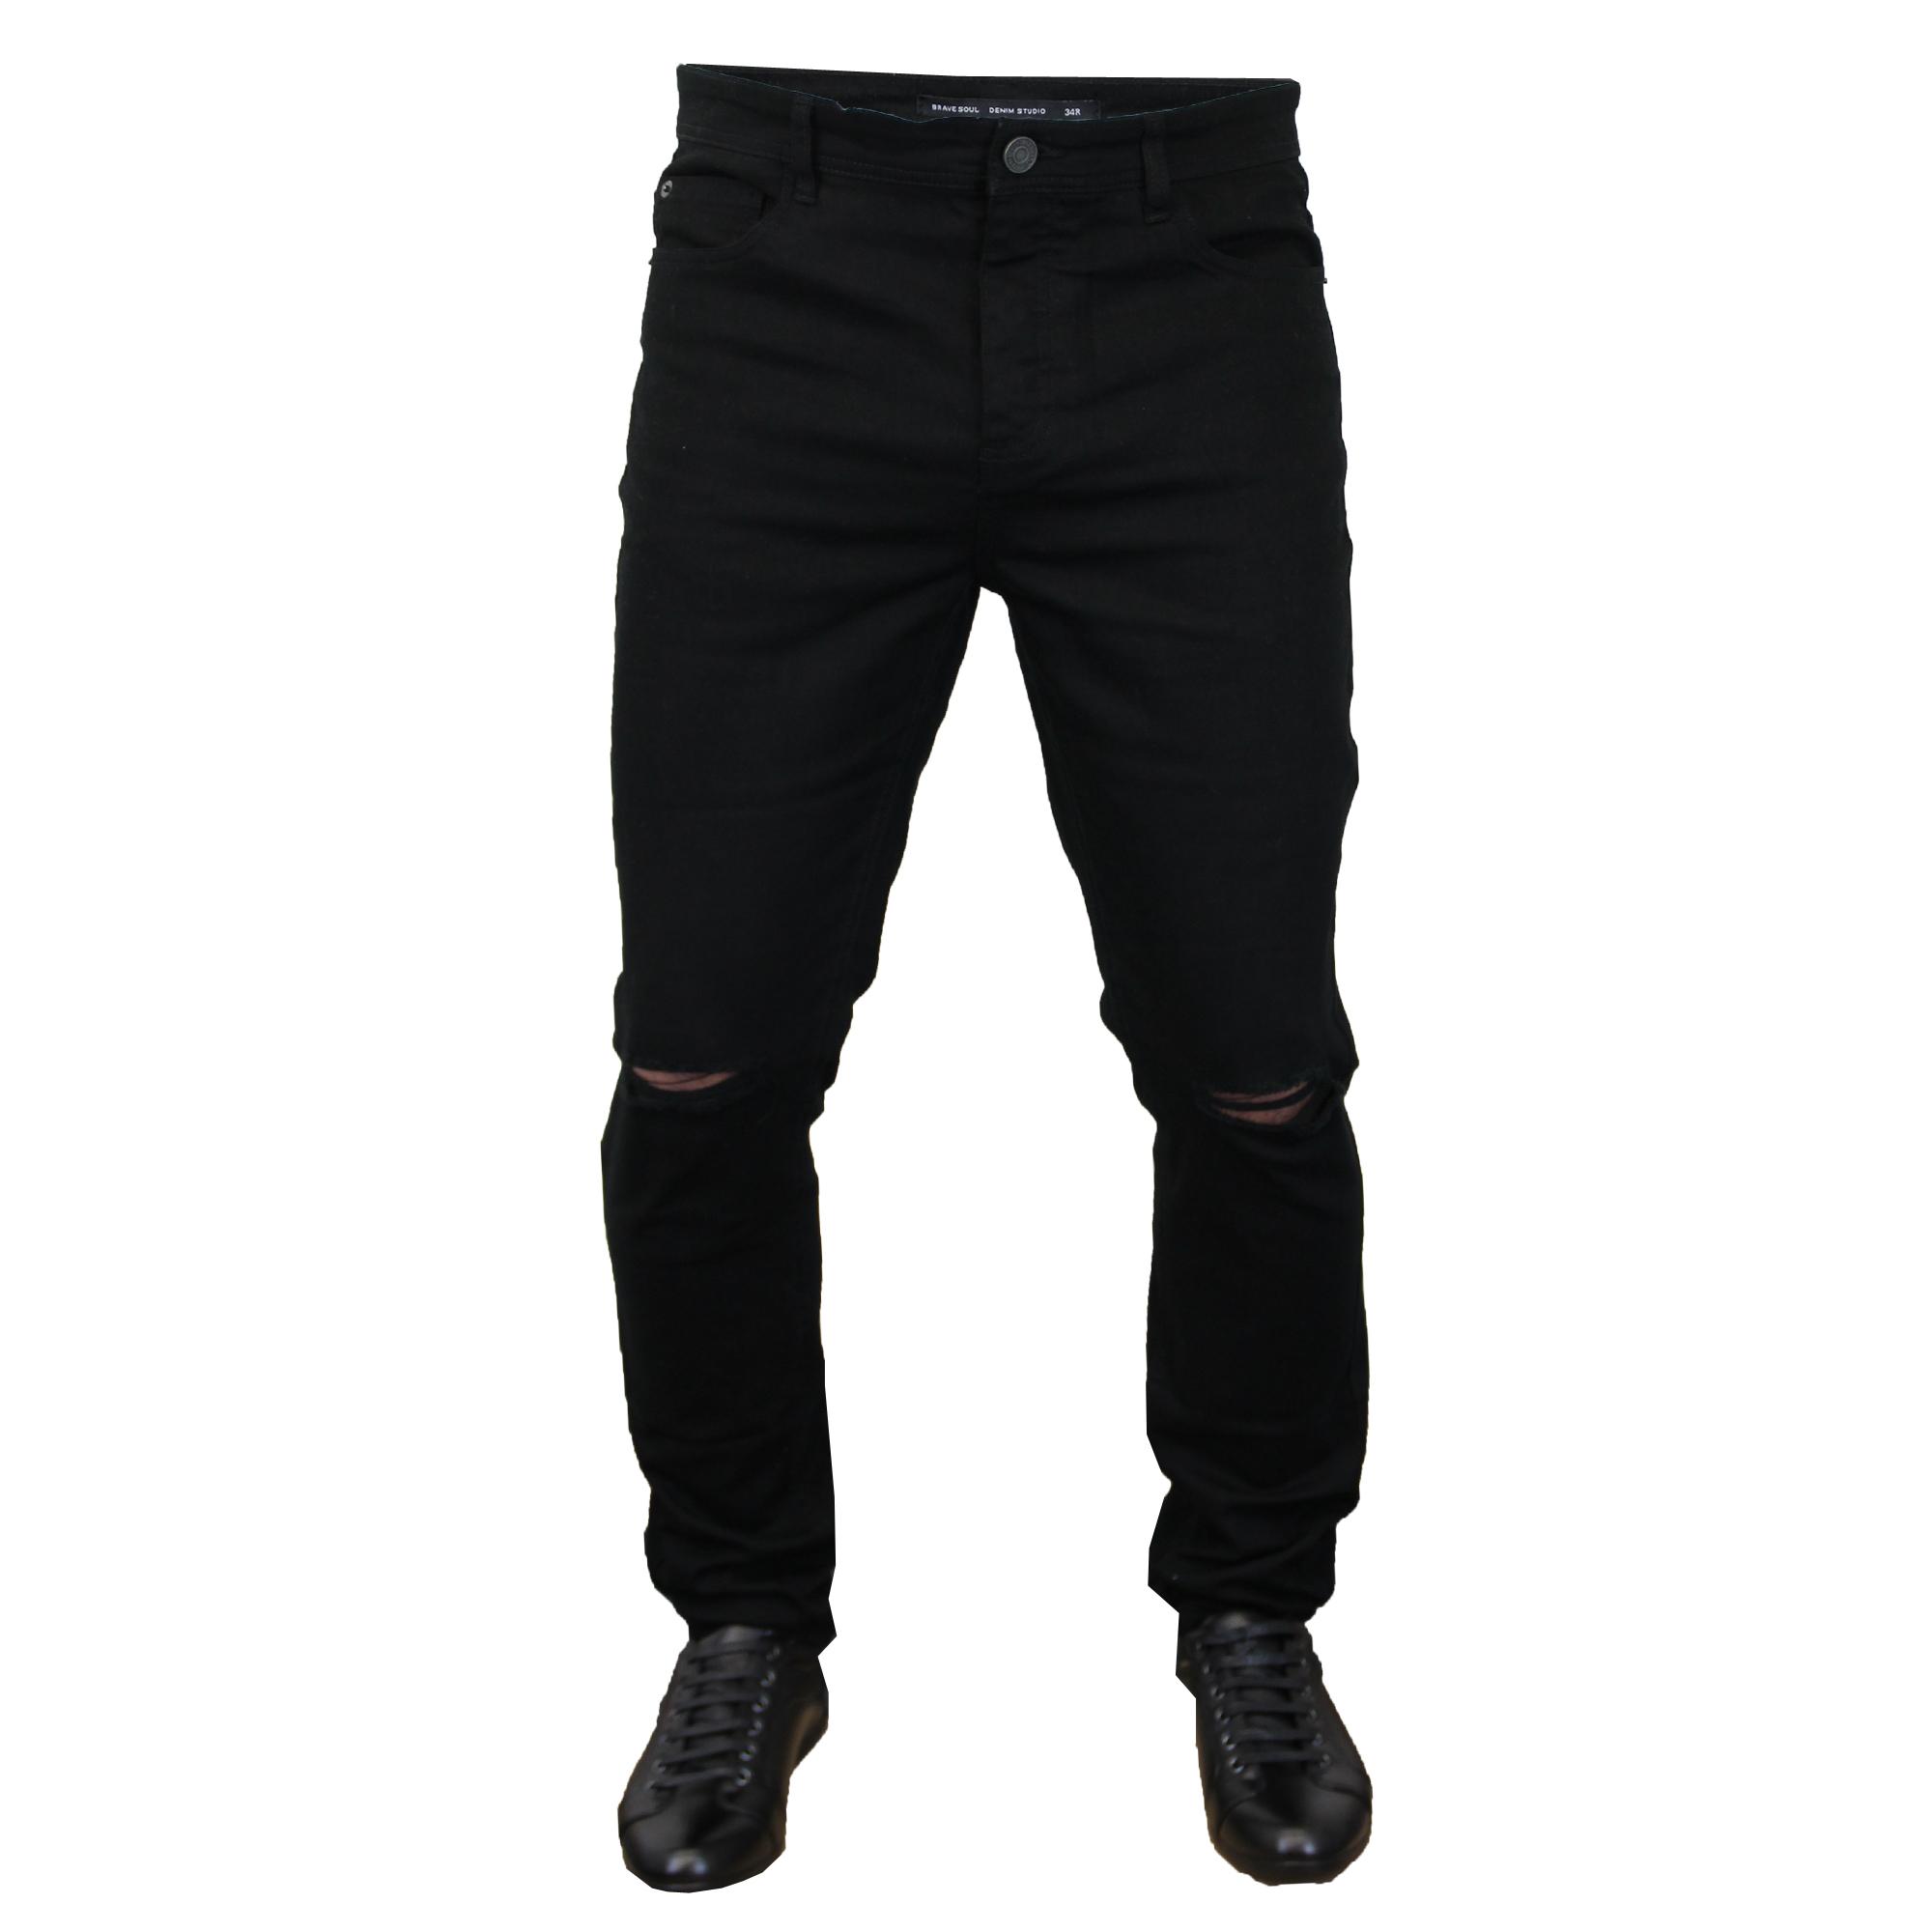 Hombre-Rasgado-Vaquero-Ajustado-Elastico-eastbornerip-Pantalones-Entallados